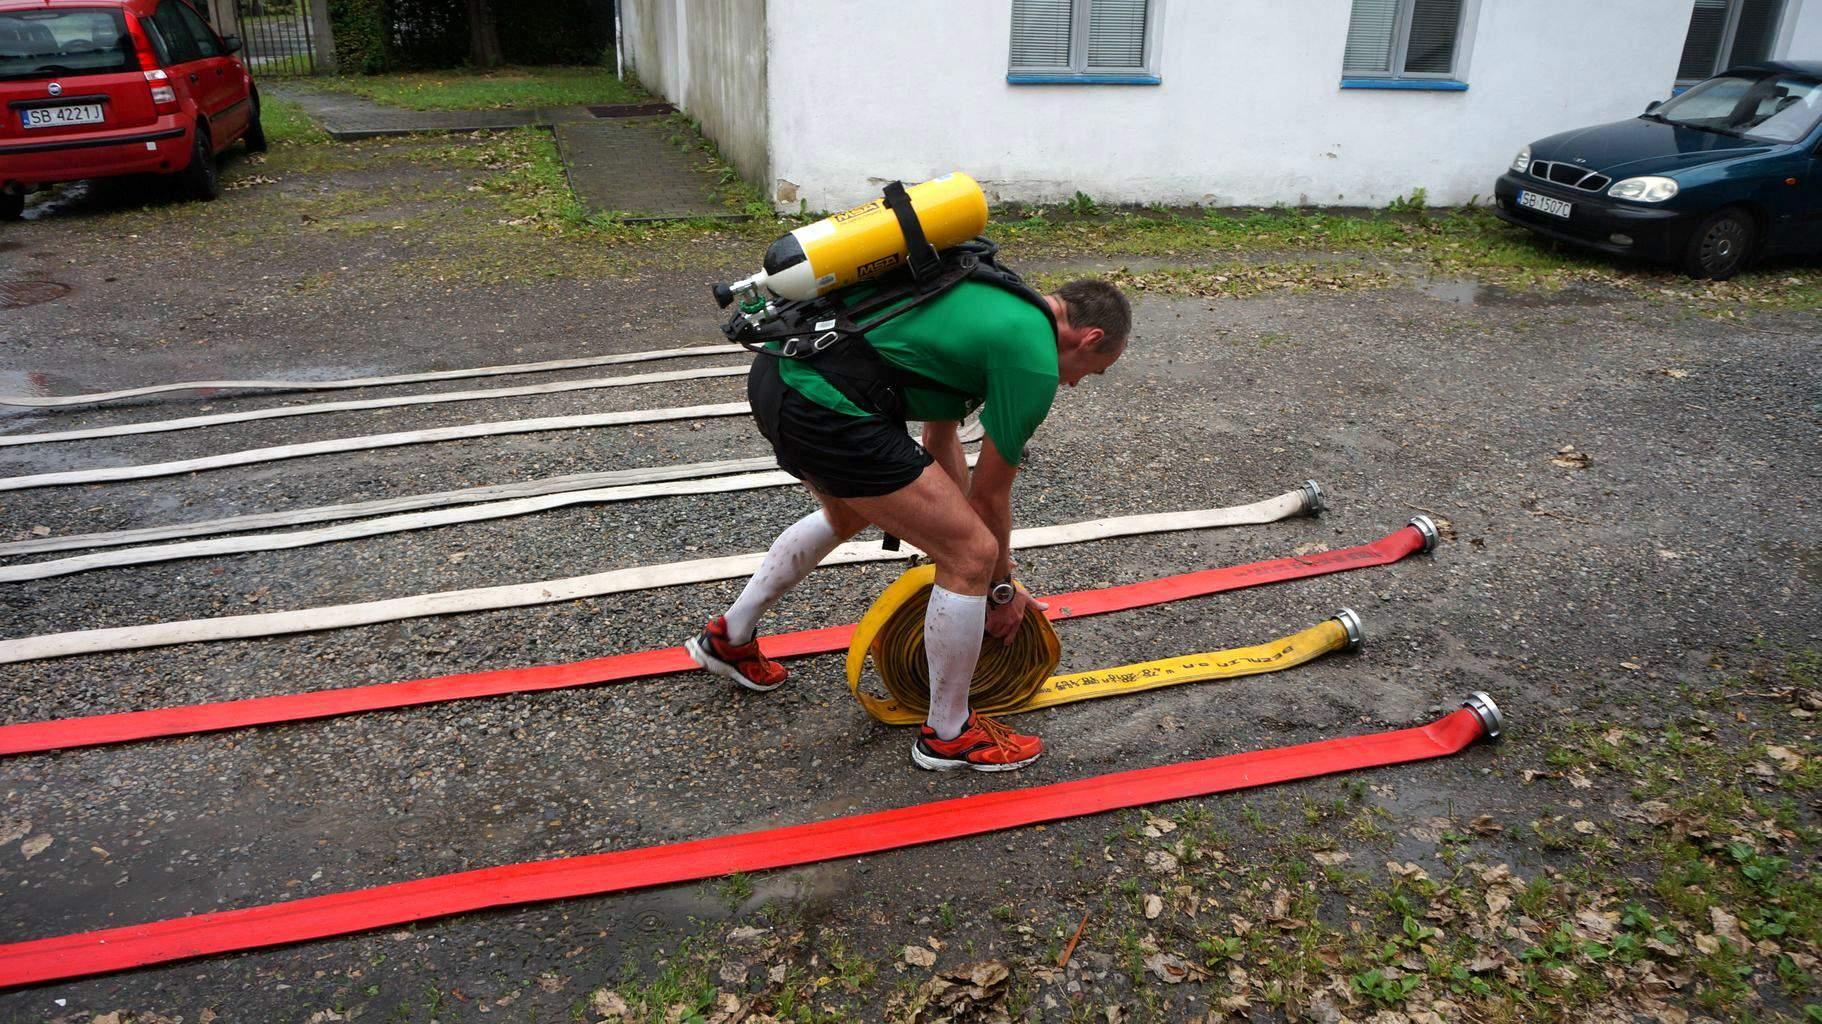 Zadanie strażackie z miejskiego rajdu przygodowego w Bielsku-Białej. Fot. Archiwum autora